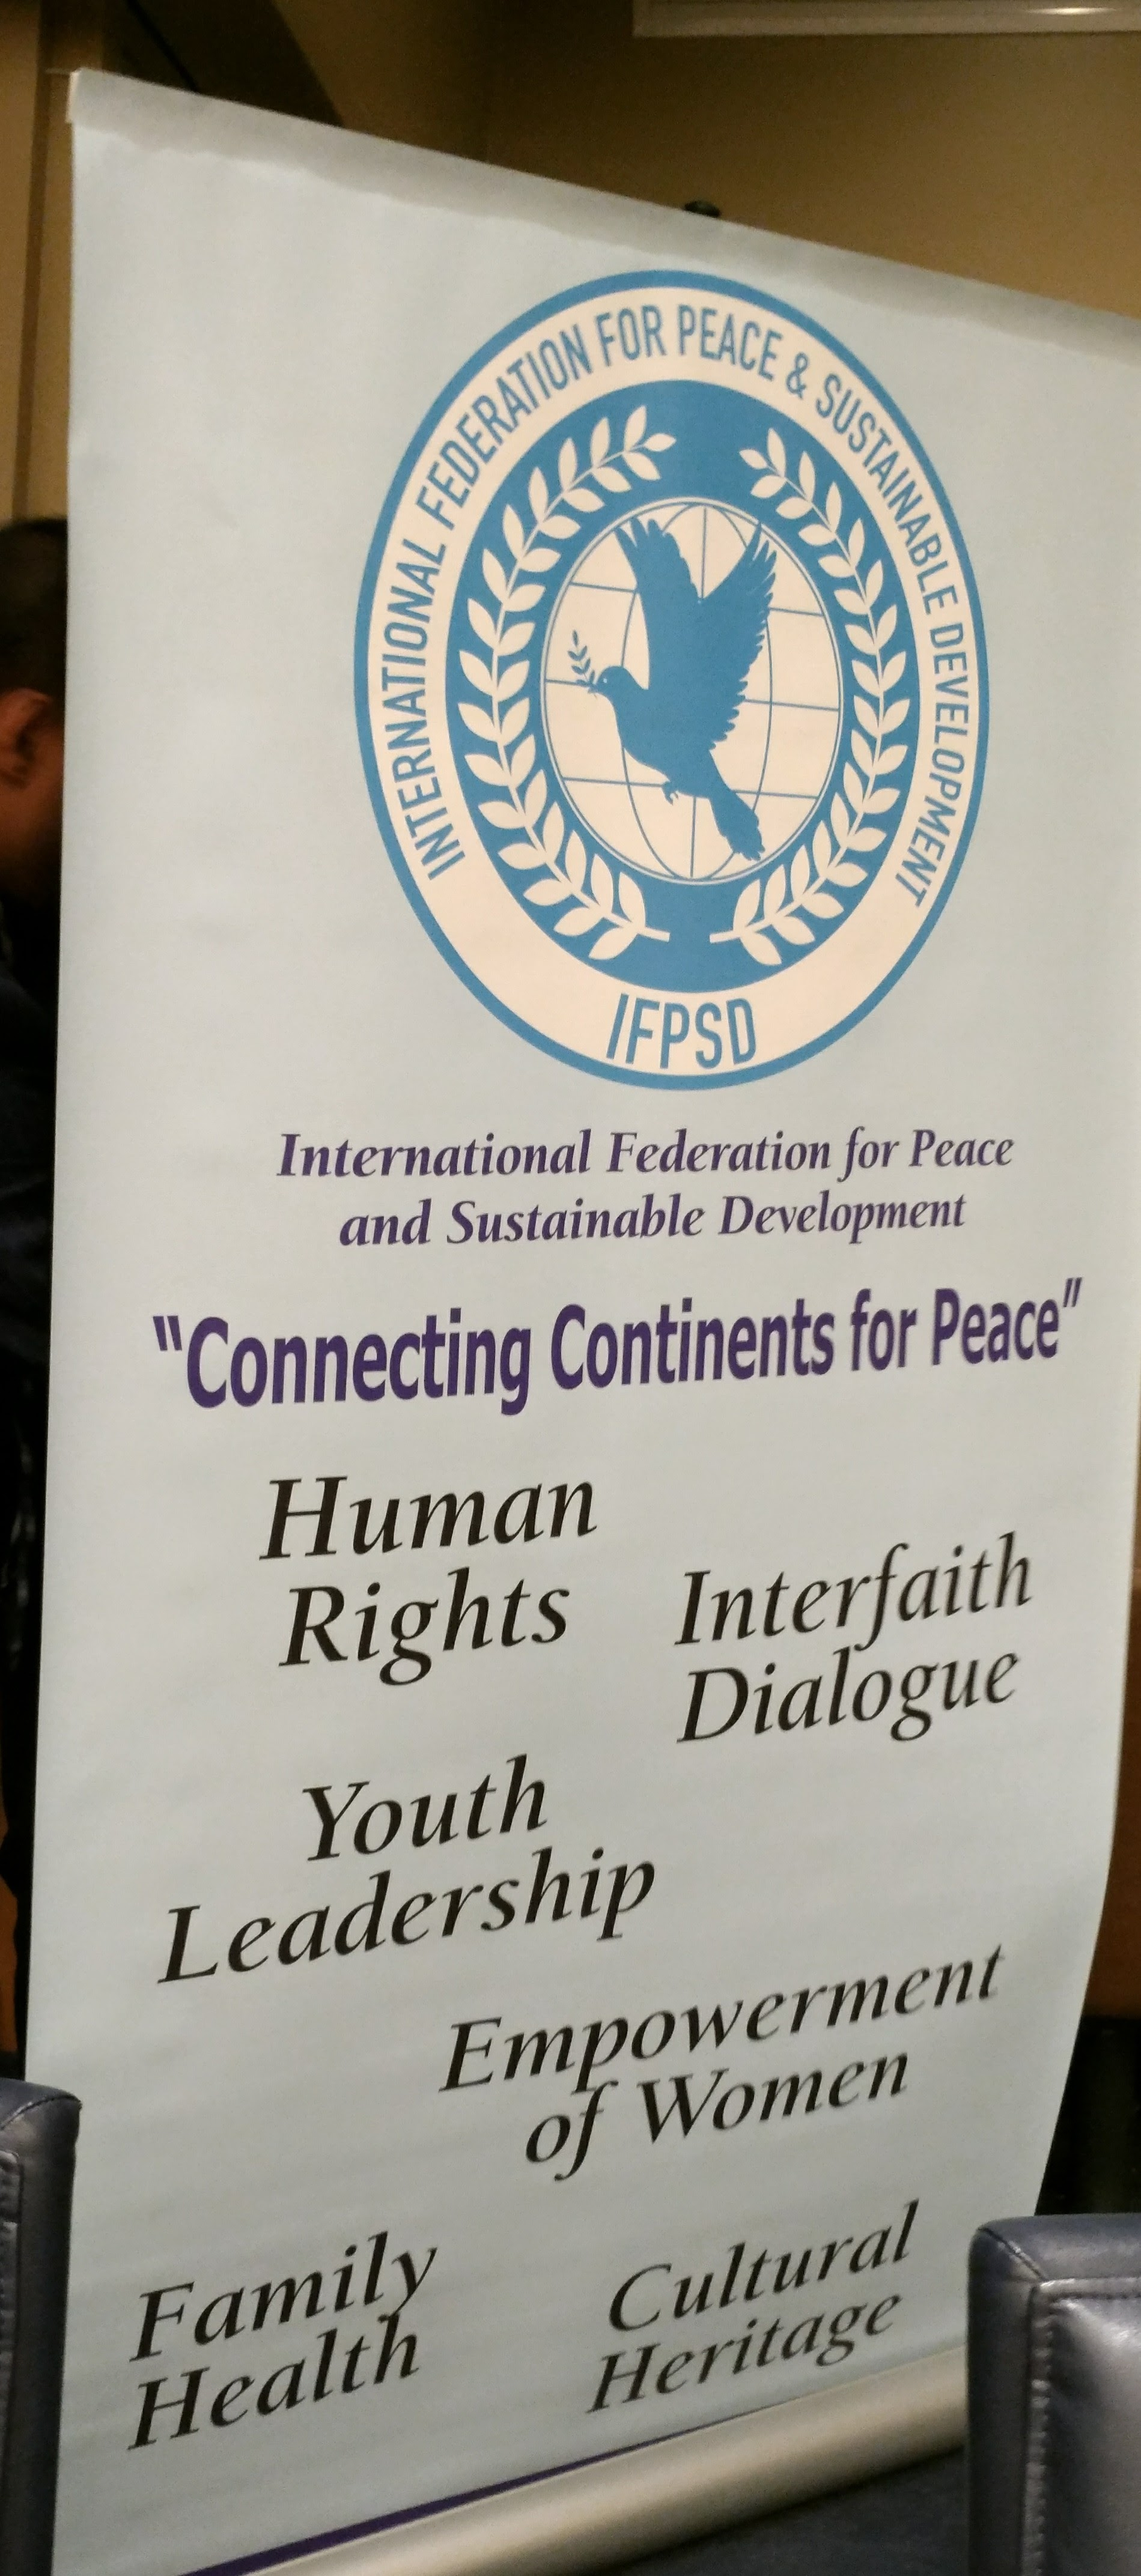 国連認証機関である平和と持続的開発に関する国際機関(IPSD)のバナーには人権、宗教観対話、若年層のリーダーシップ、女性の社会参加、家族の健康、文化遺産